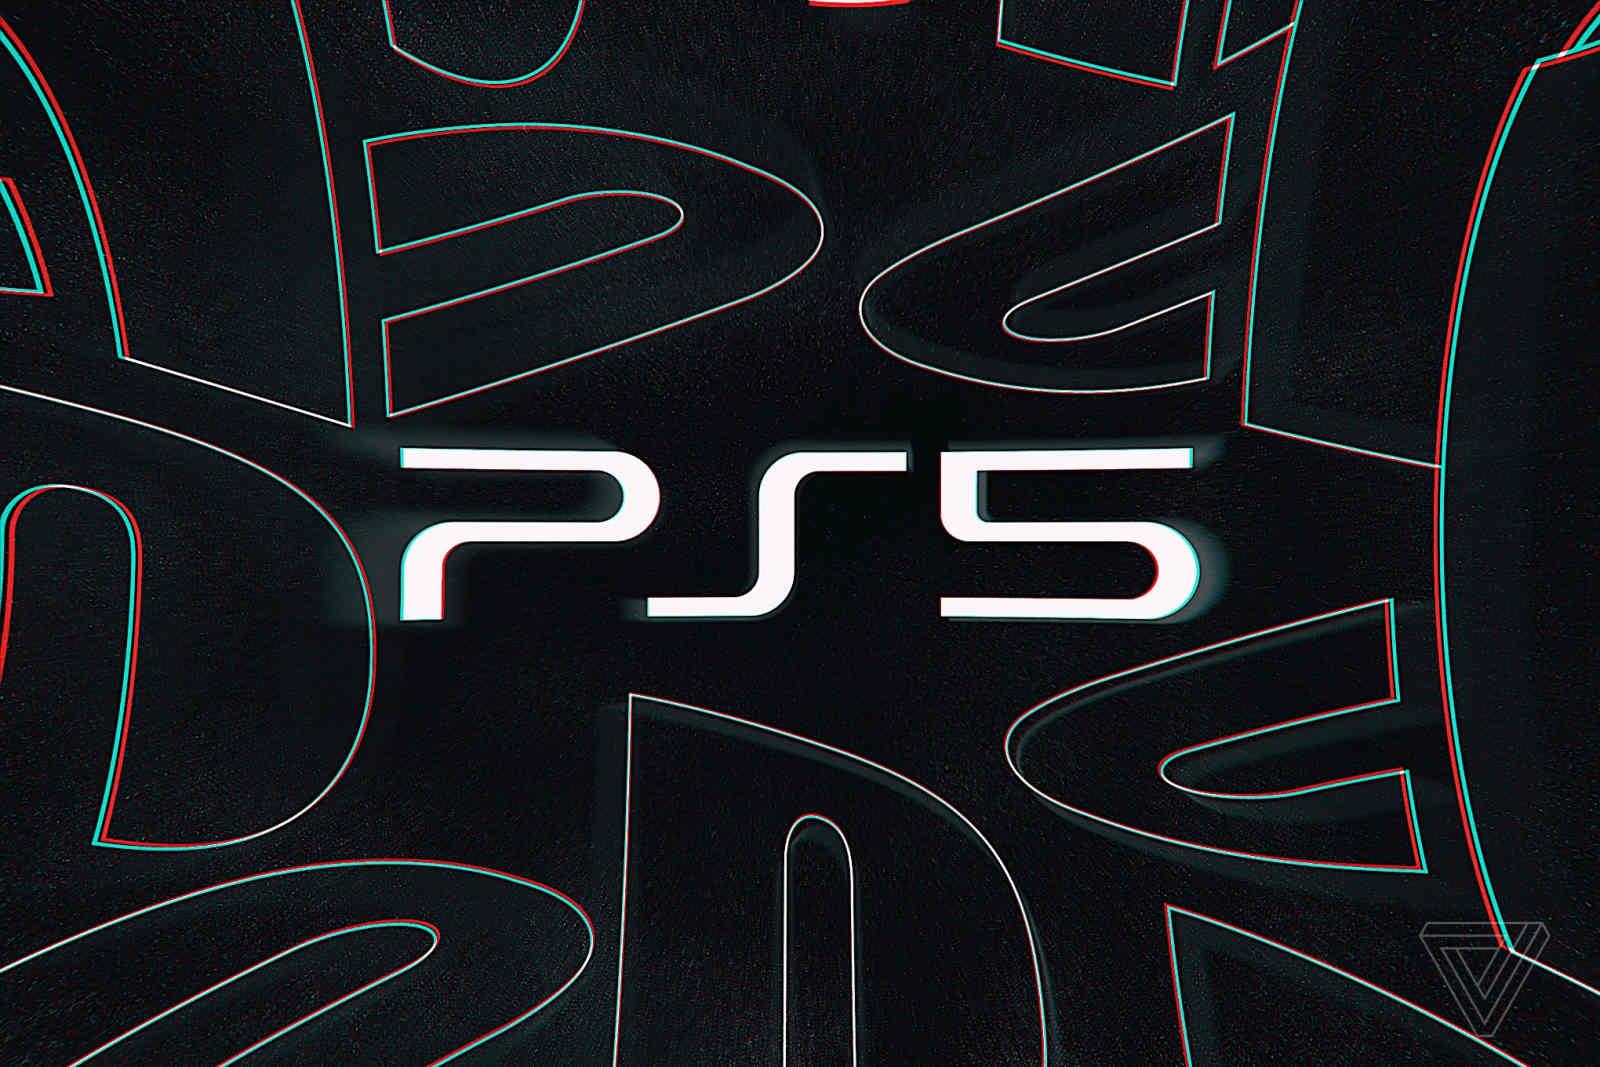 Sony công bố phần cứng đầy đủ của PS5